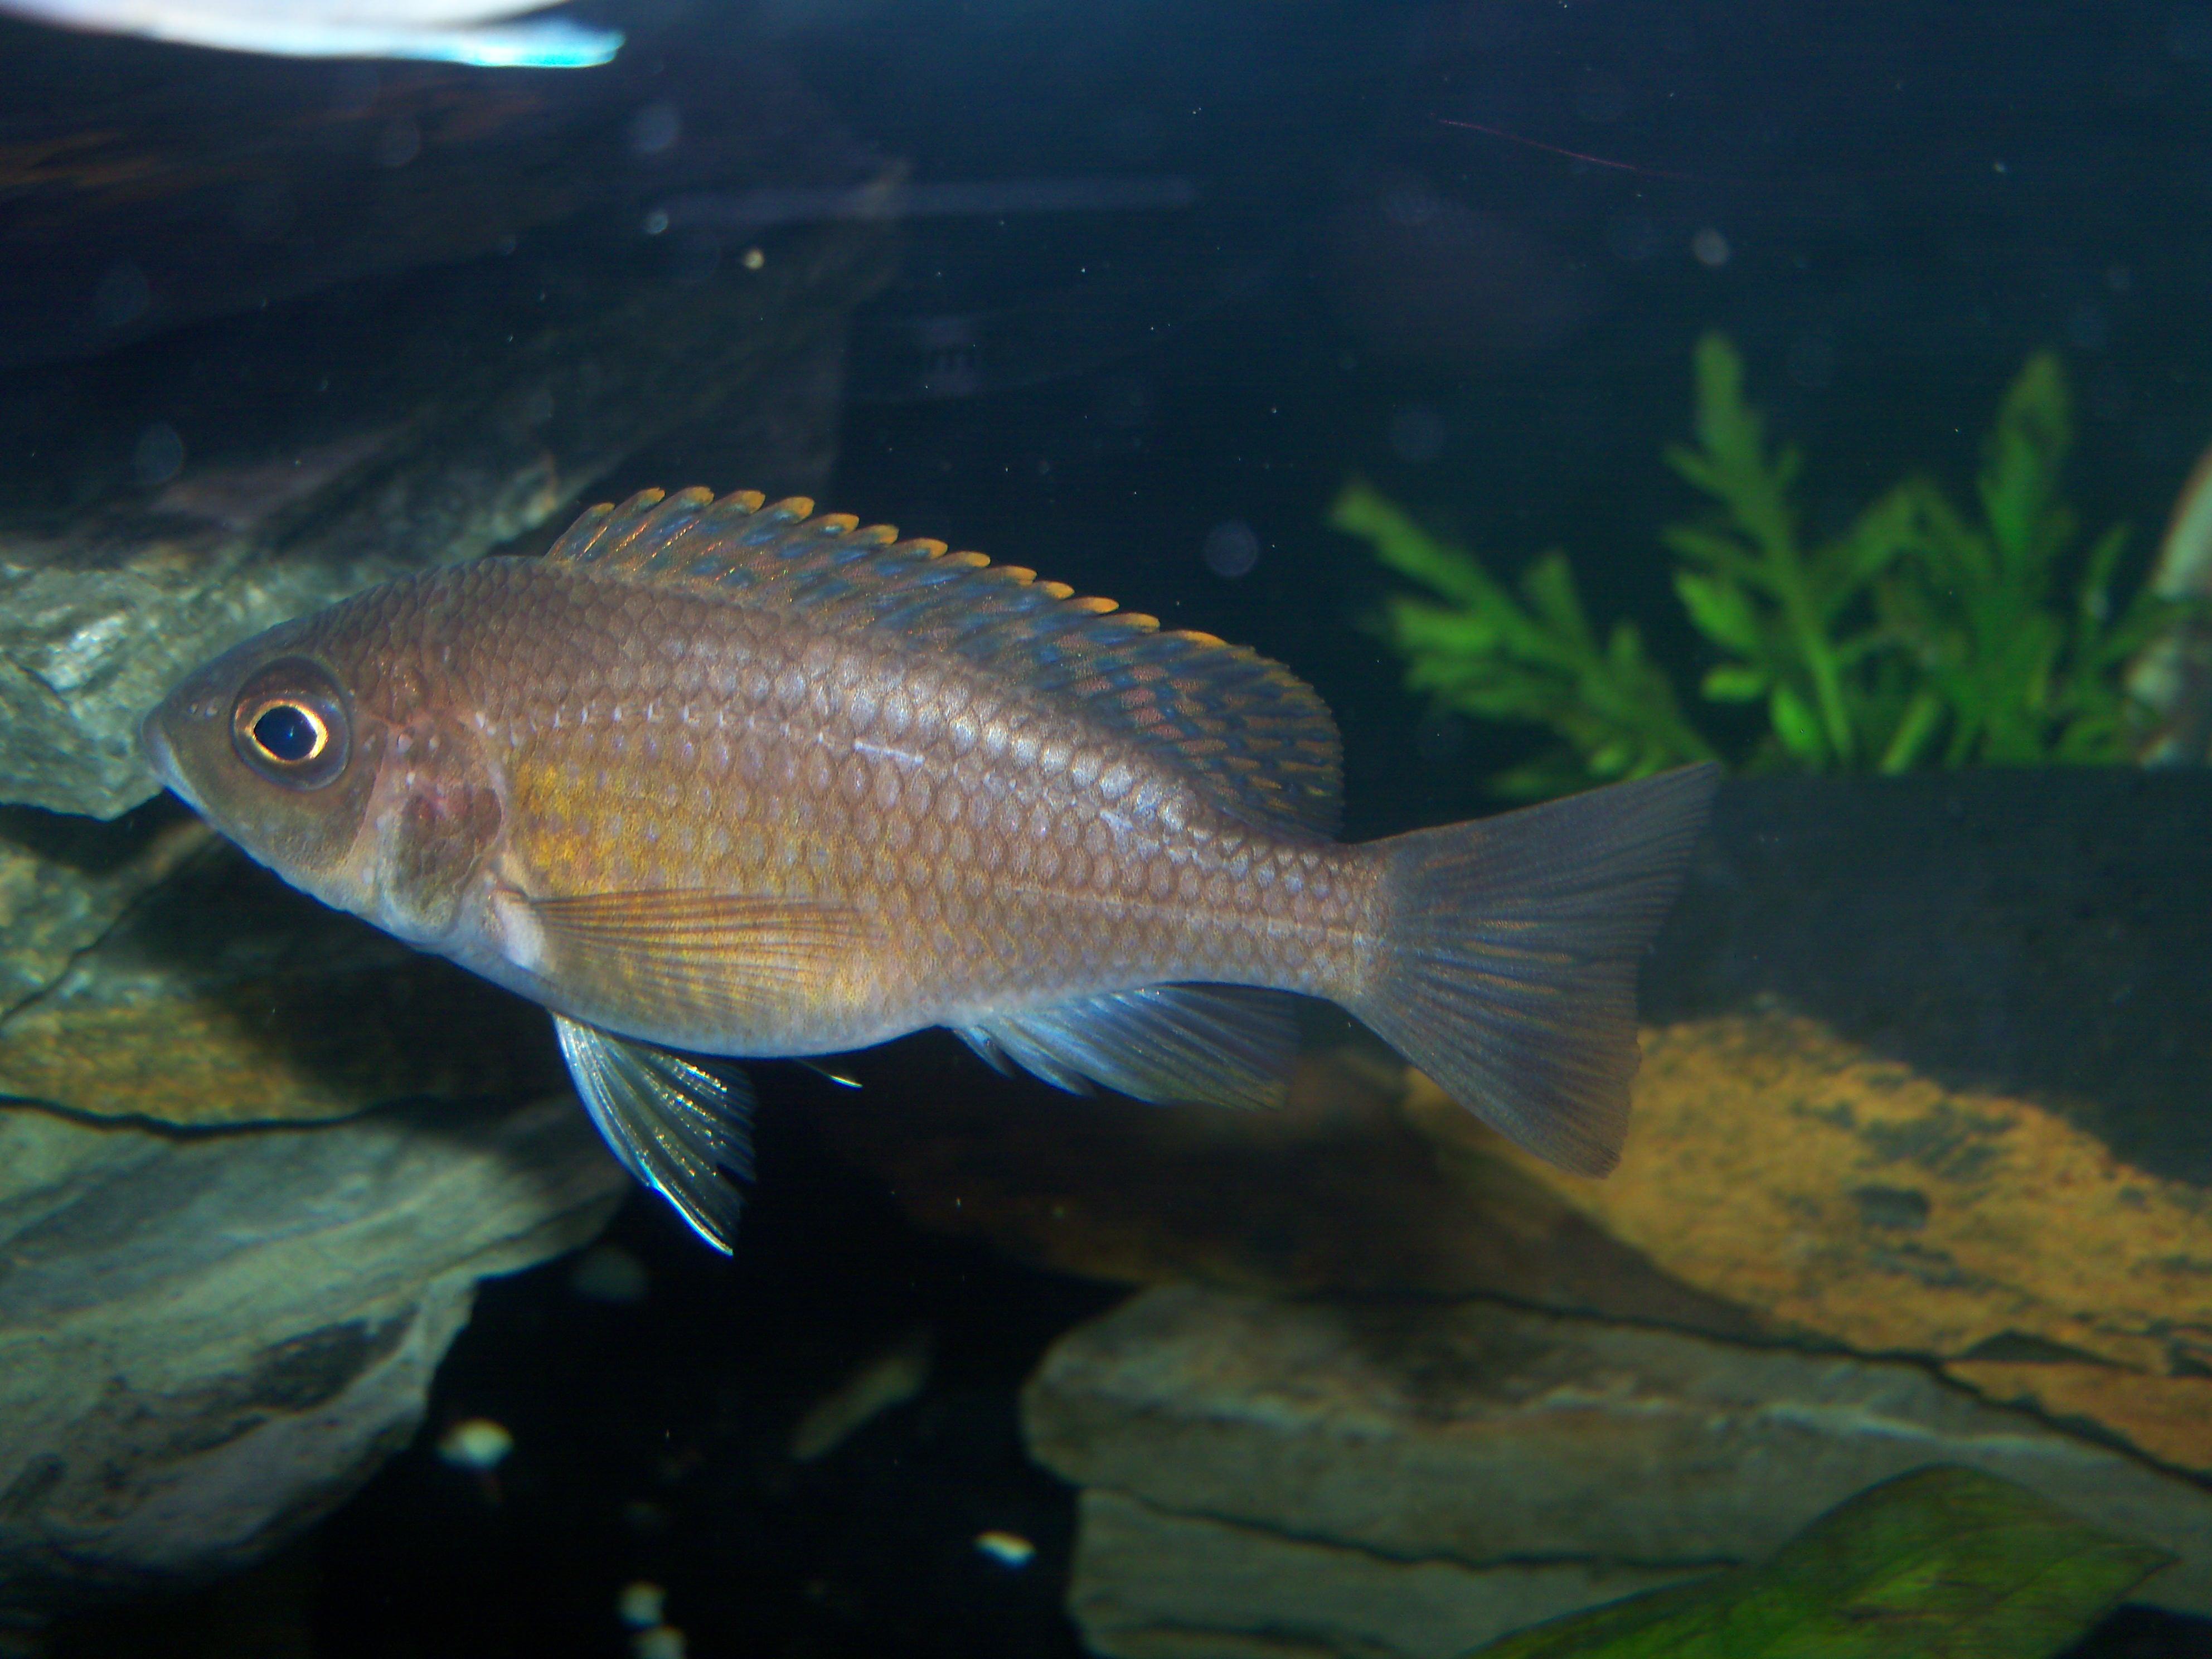 Ruby red cichlid female - photo#23